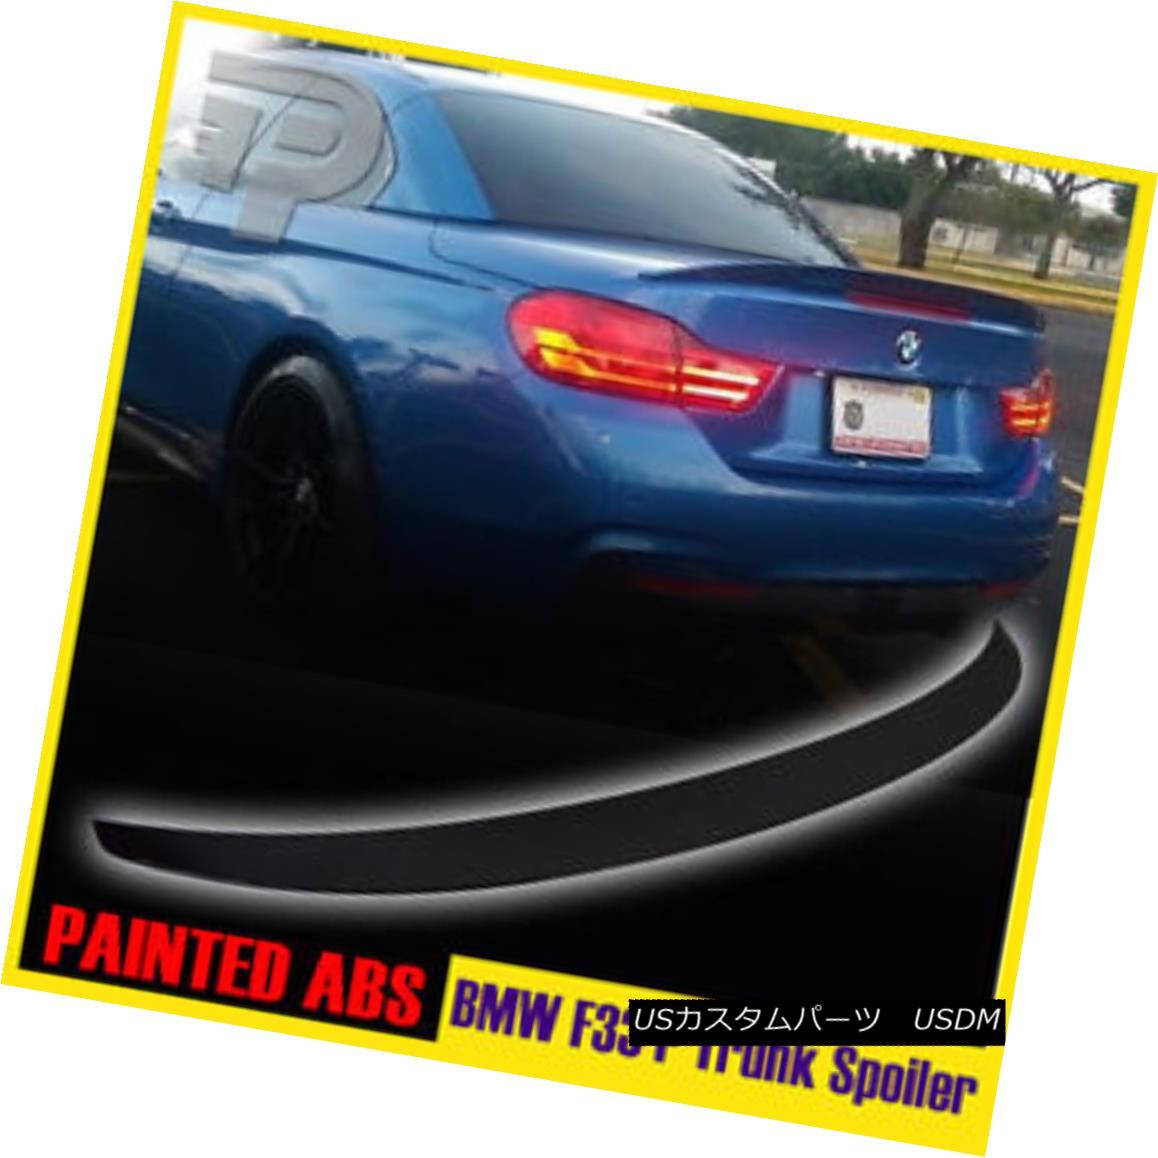 エアロパーツ PAINTED FOR BMW F33 PERFORMANCE P-STYLE CONVERTIBLE REAR TRUNK SPOILER 14-17 BMW F33のパフォーマンスP-STYLE CONVERTIBLEリアトーンスポイラー14-17